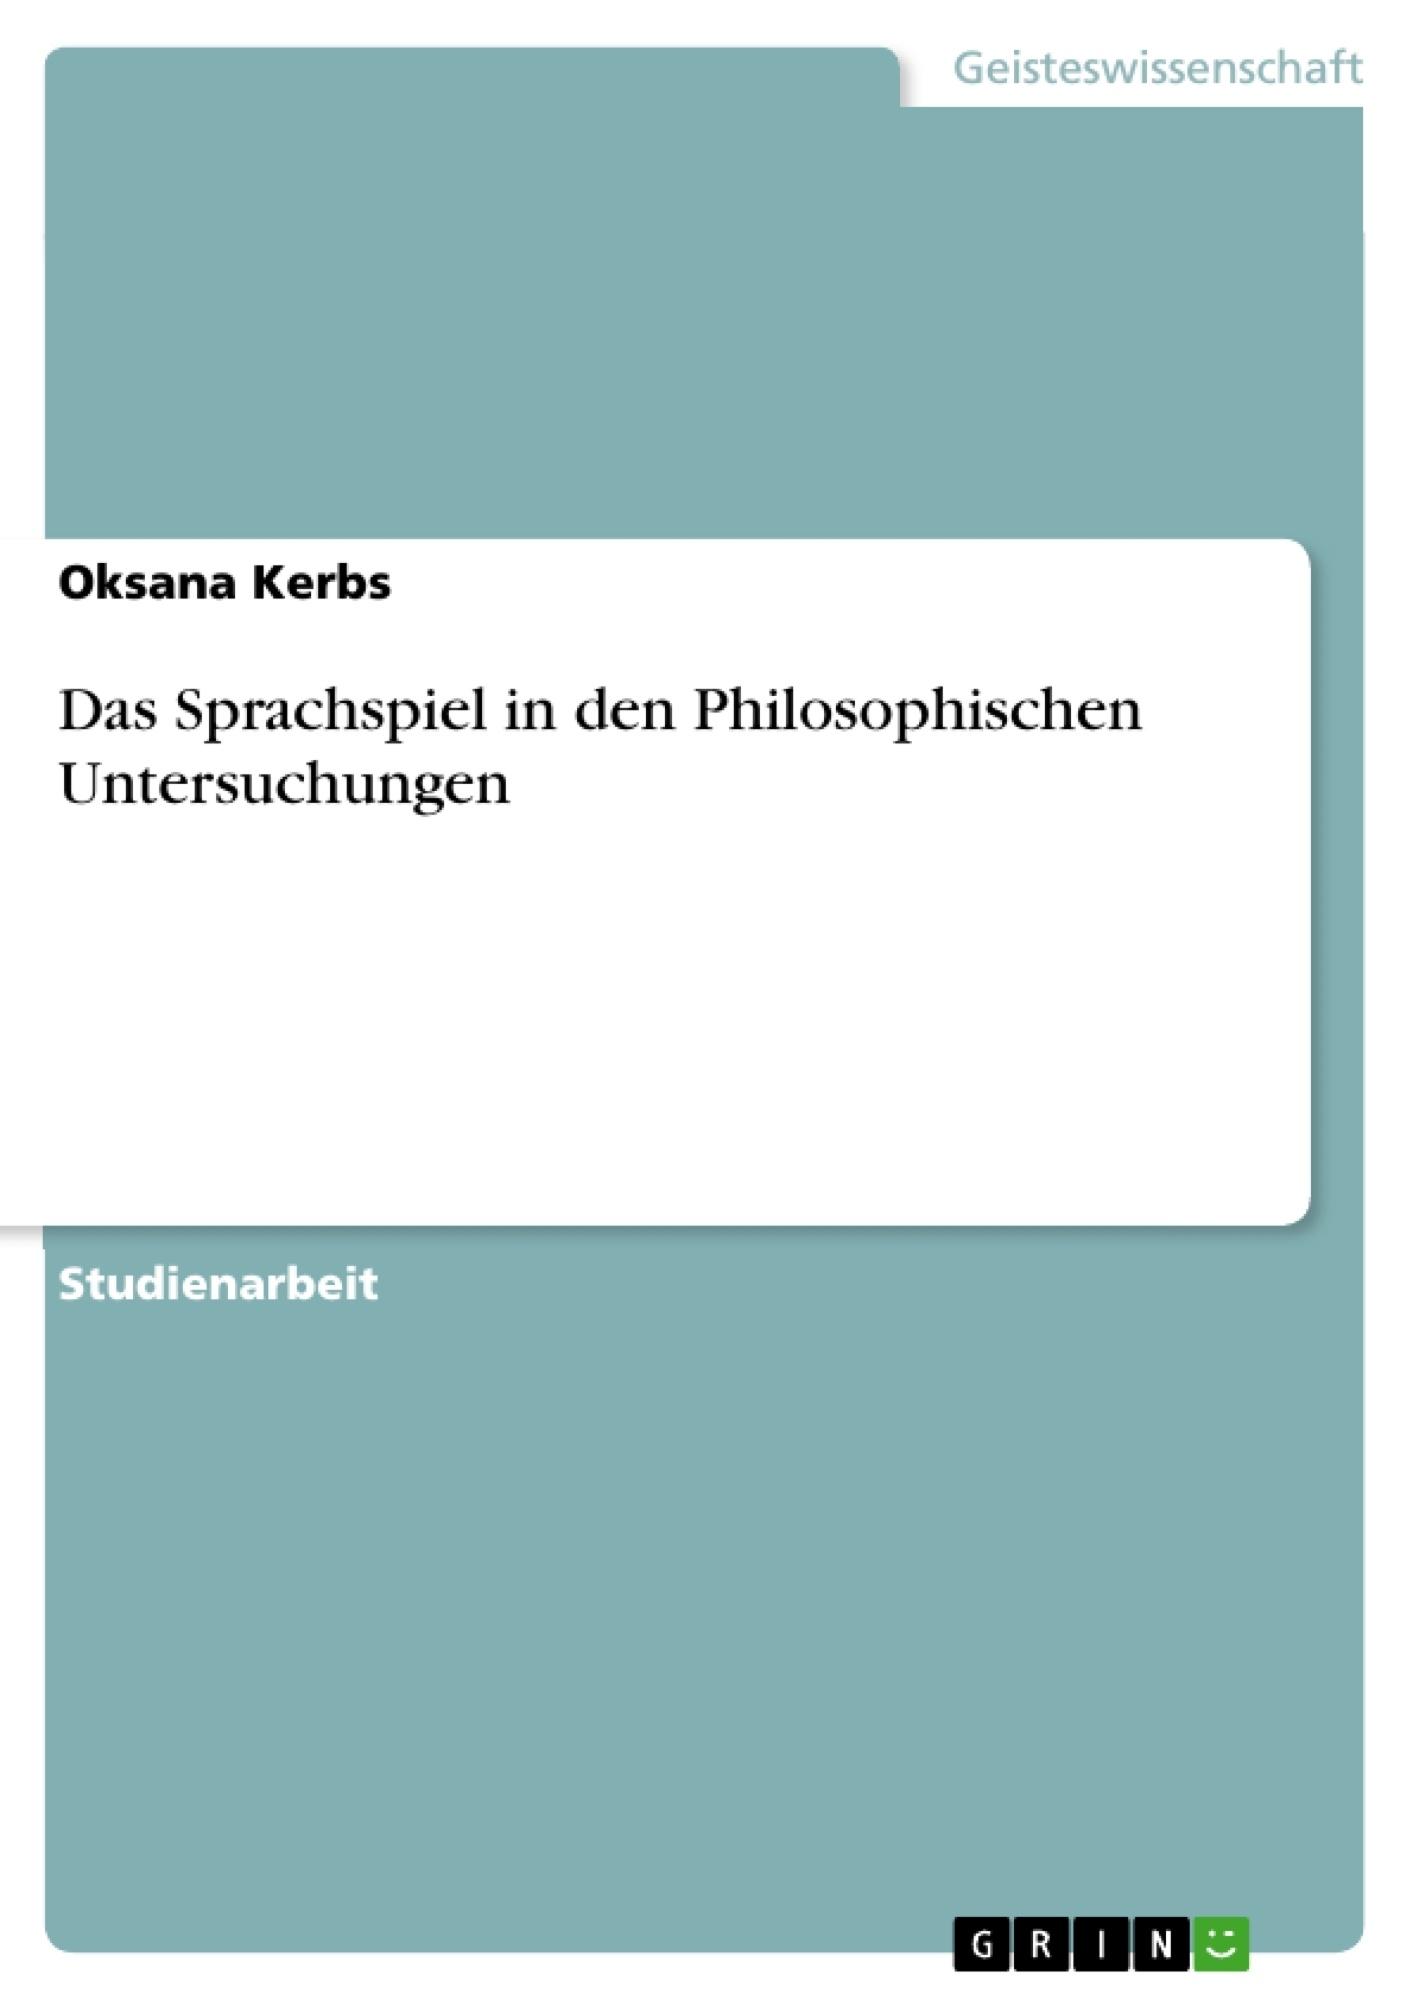 Titel: Das Sprachspiel in den Philosophischen Untersuchungen